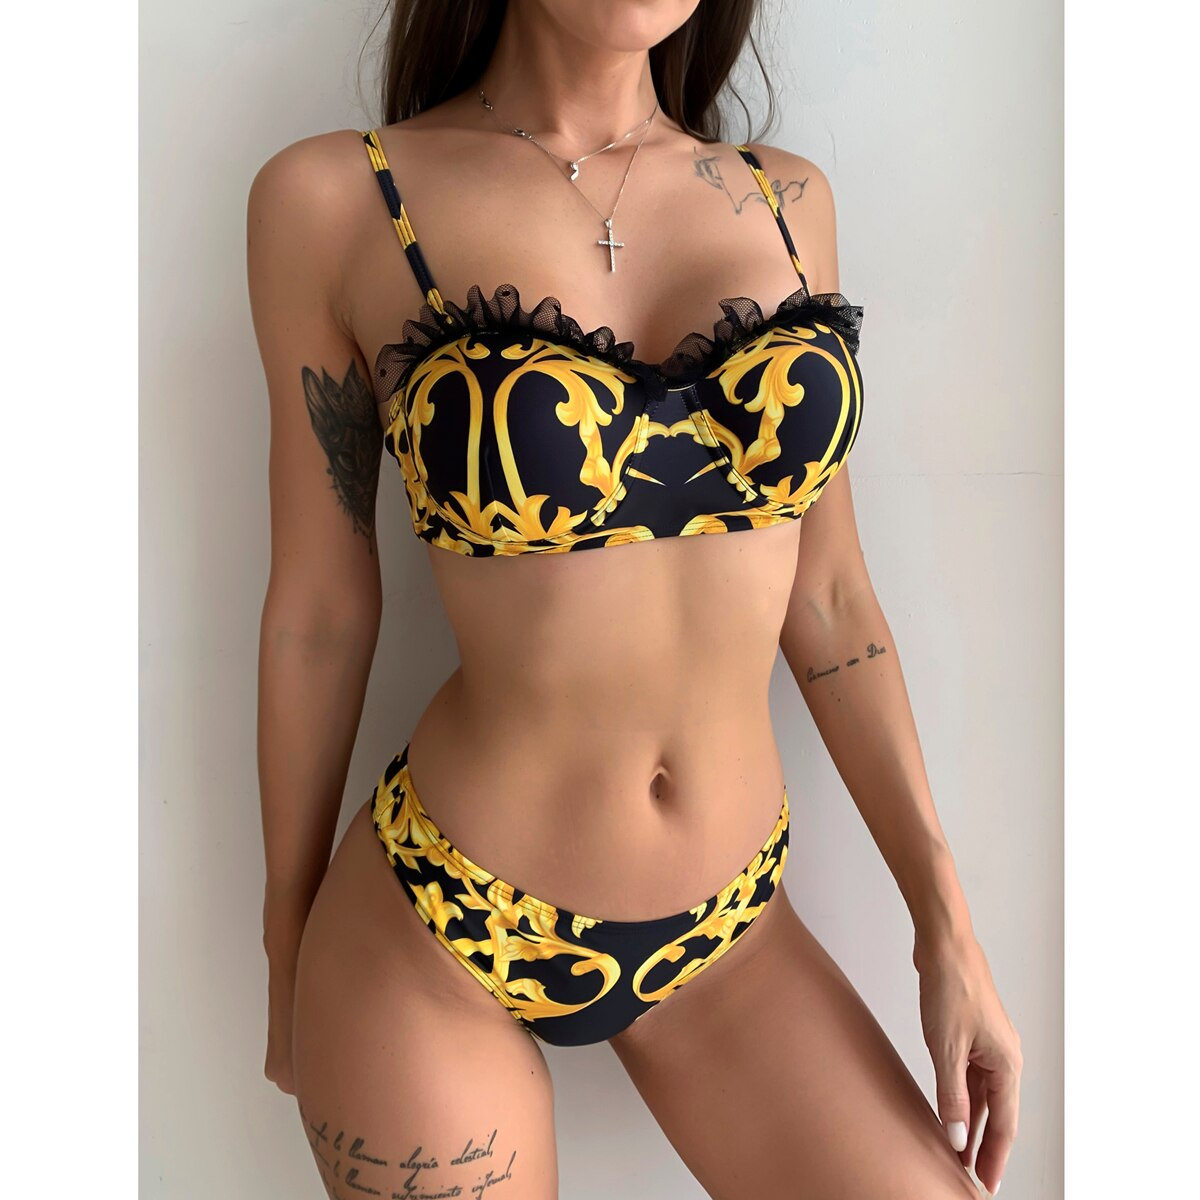 triangle print bikinis women swimwear string bandage swimsuit push up bathing suit new sexy thong bikini set Push Up Bikinis 2020 Sexy Women Swimsuit Swimwear Female Lace Print Thong Brazilian Bikini Set Biquini Bathing Suit Women